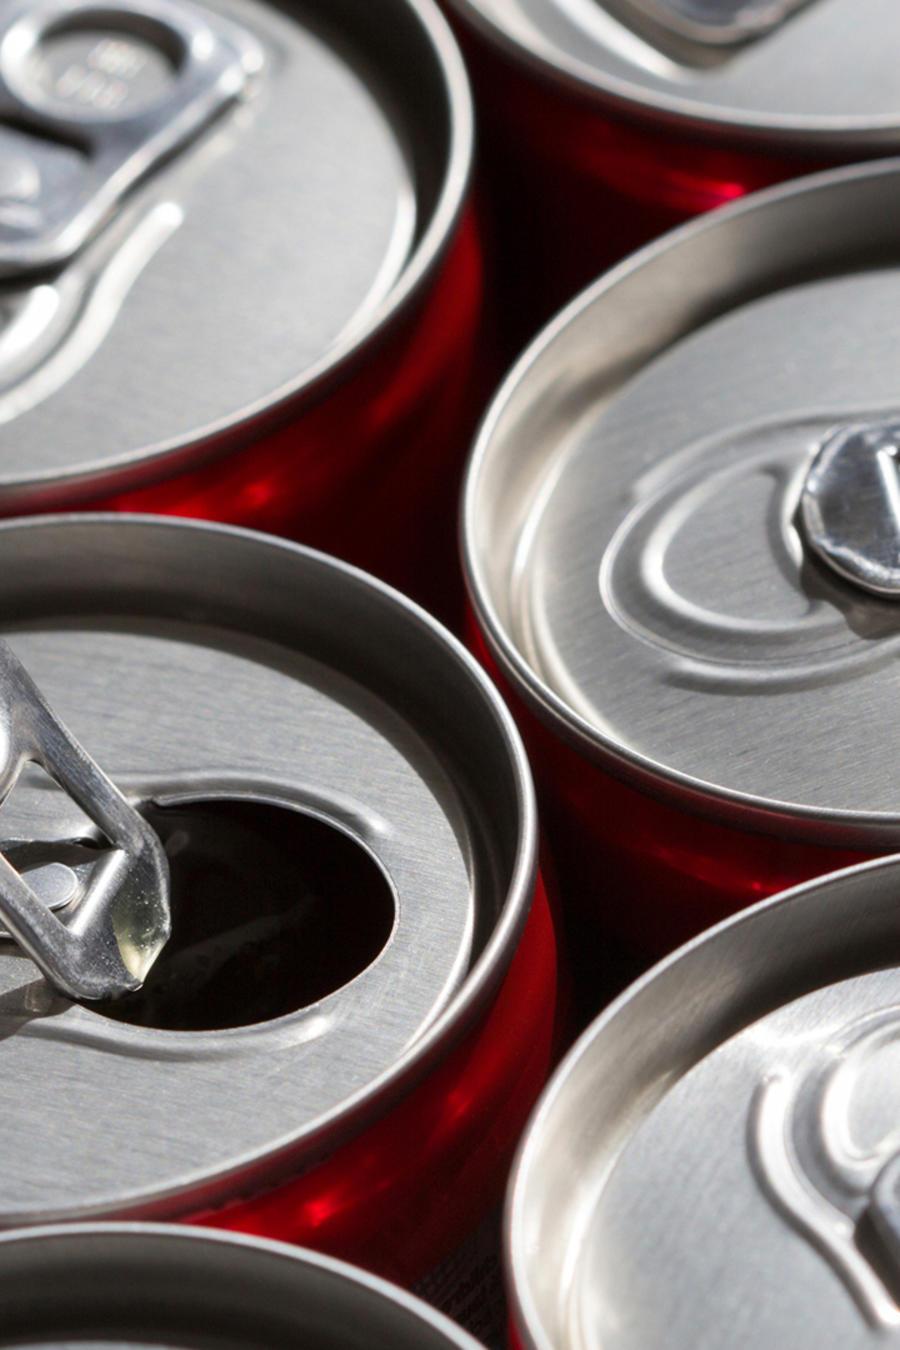 latas de soda